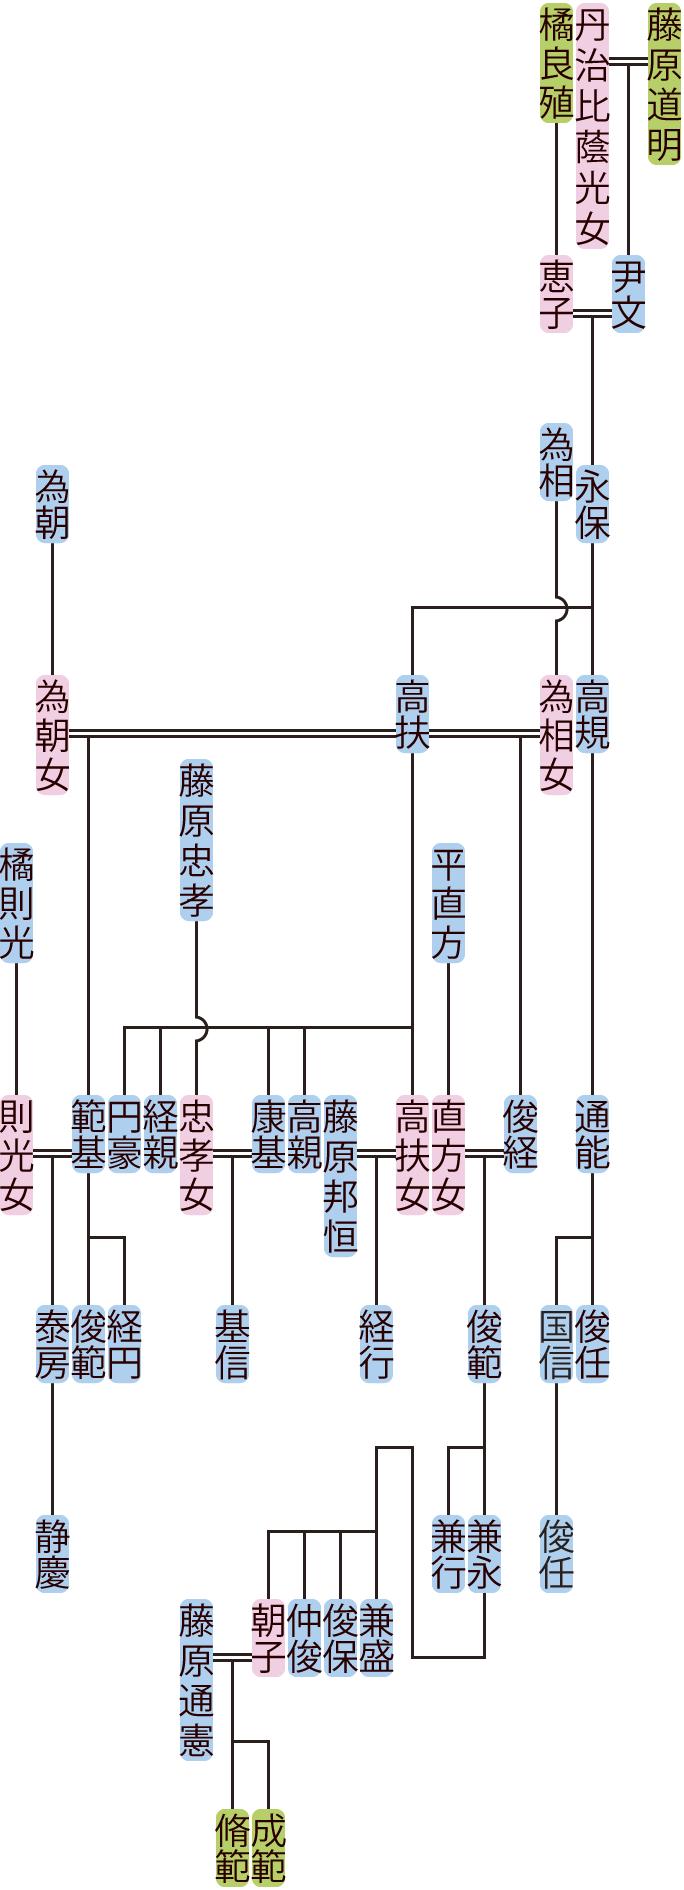 藤原永保の系図